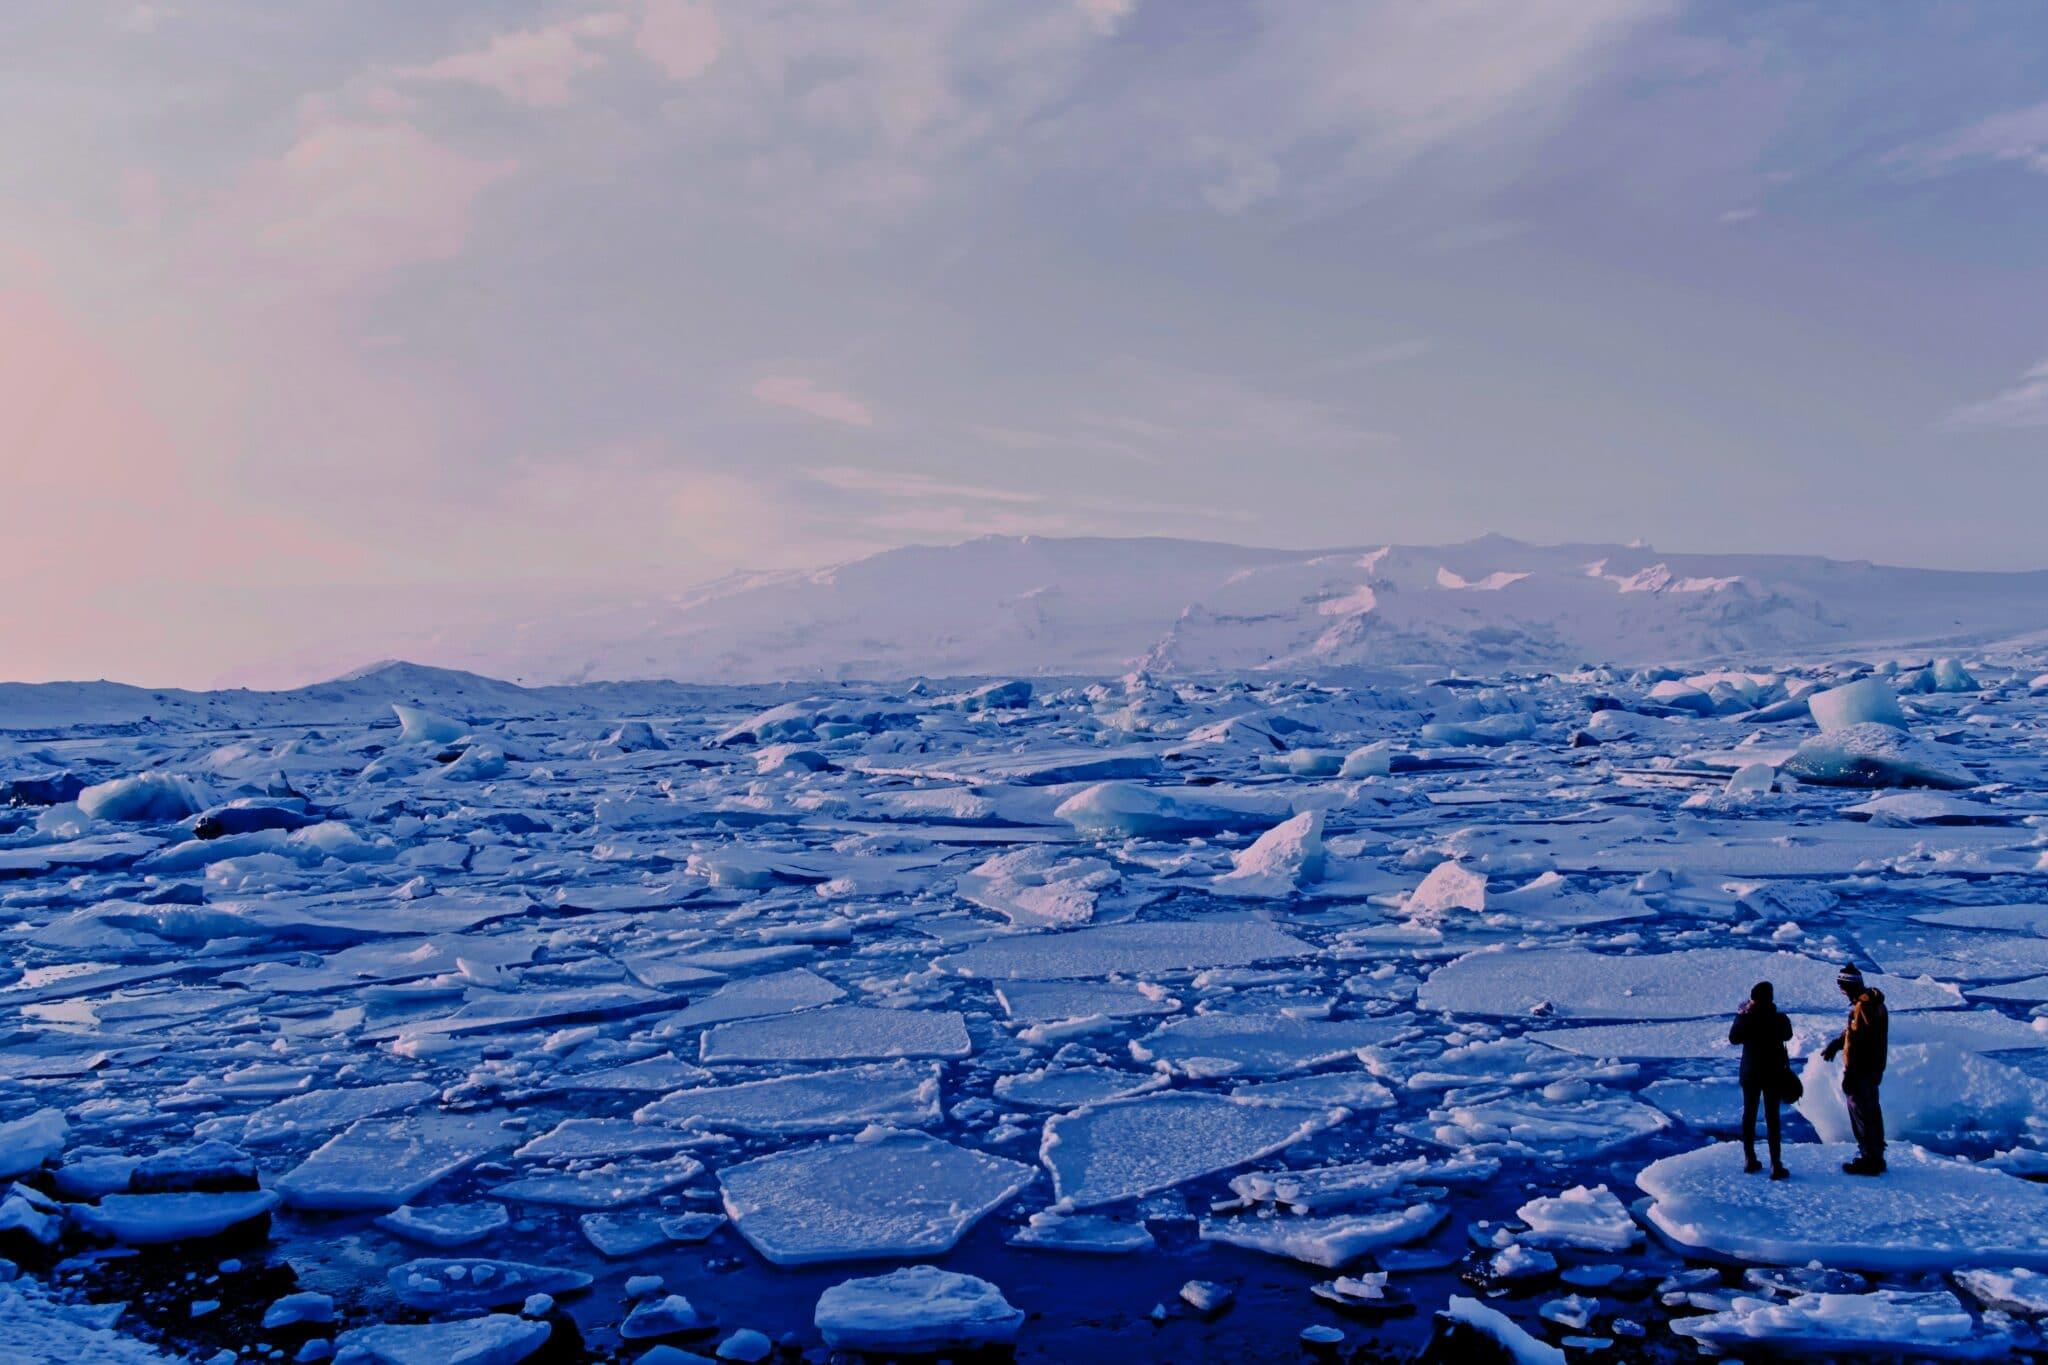 È stata scoperta una nuova isola più a nord della Terra. Credits: Roxanne Desgagnés/Unsplash